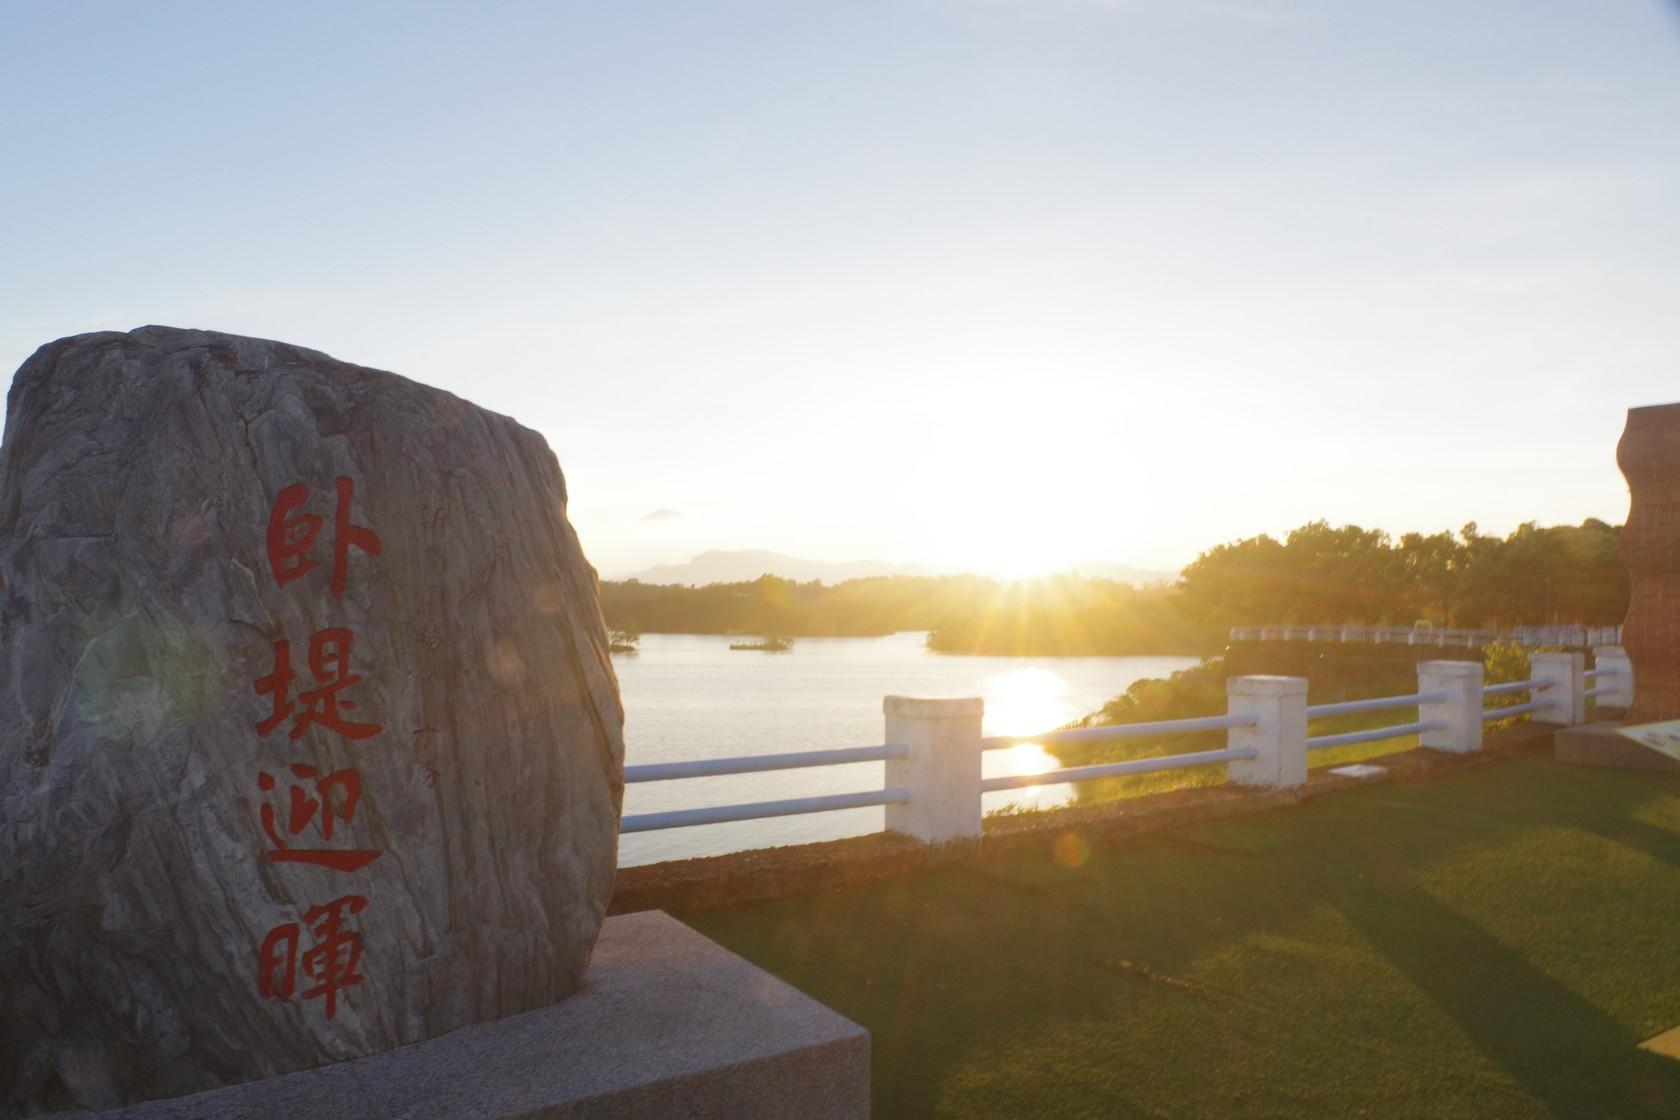 壩堤南側,「臥堤迎暉」之石碑